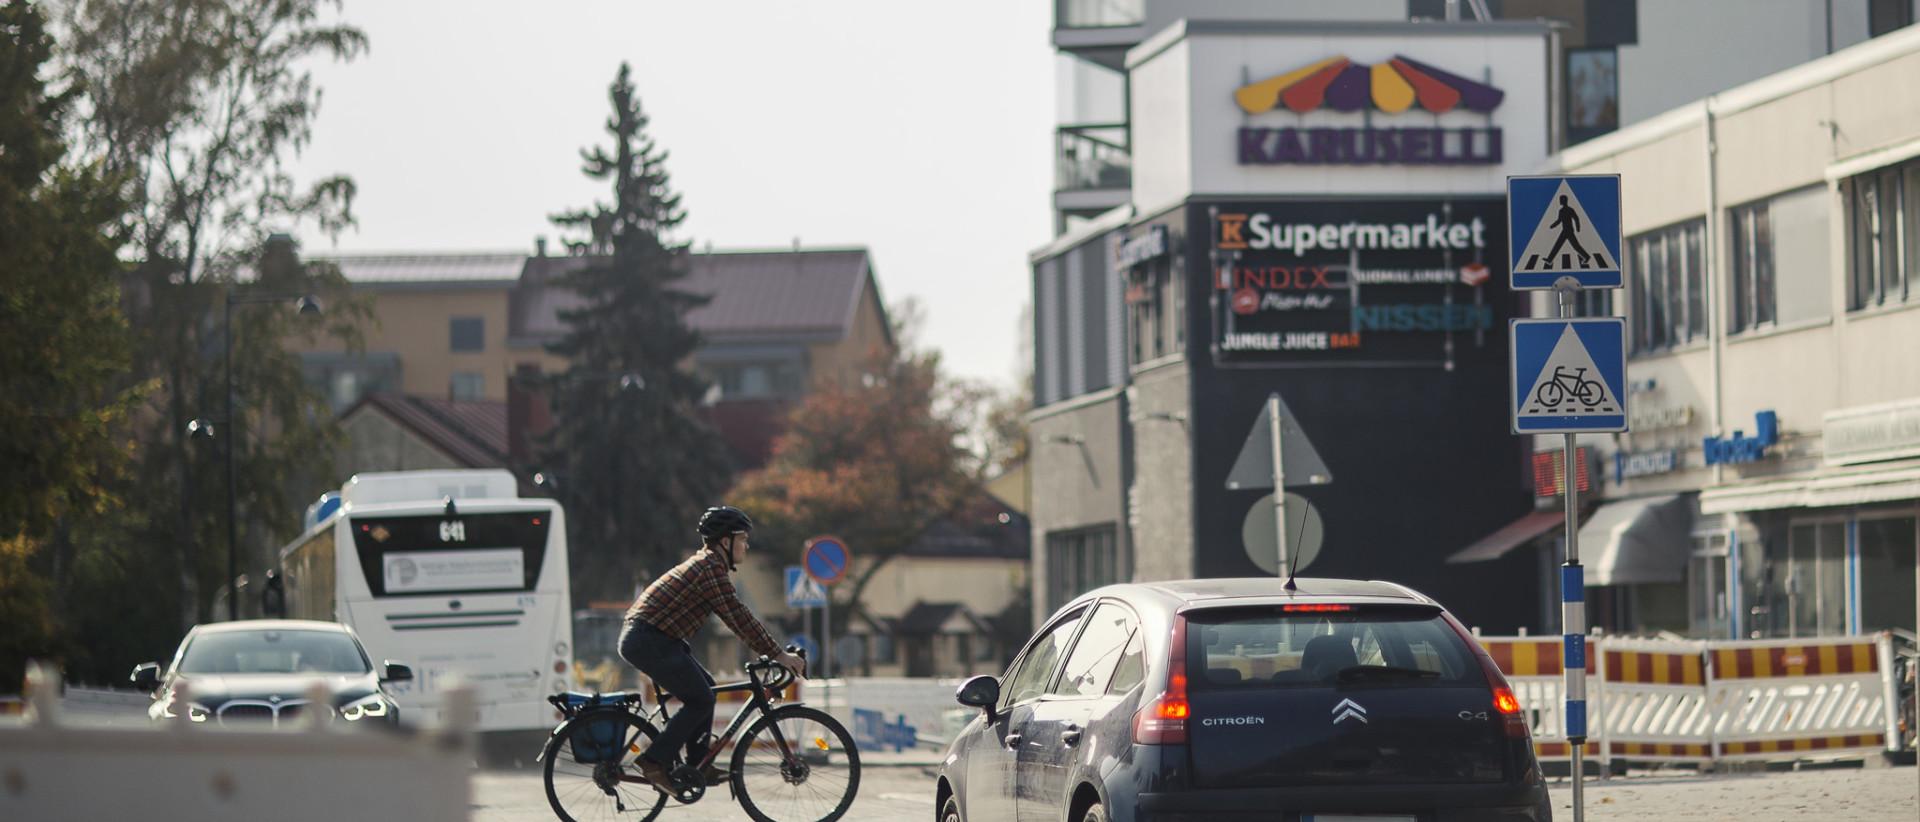 Pyöräilijä ylittää tien, autoilija pysähtynyt suojatien eteen.